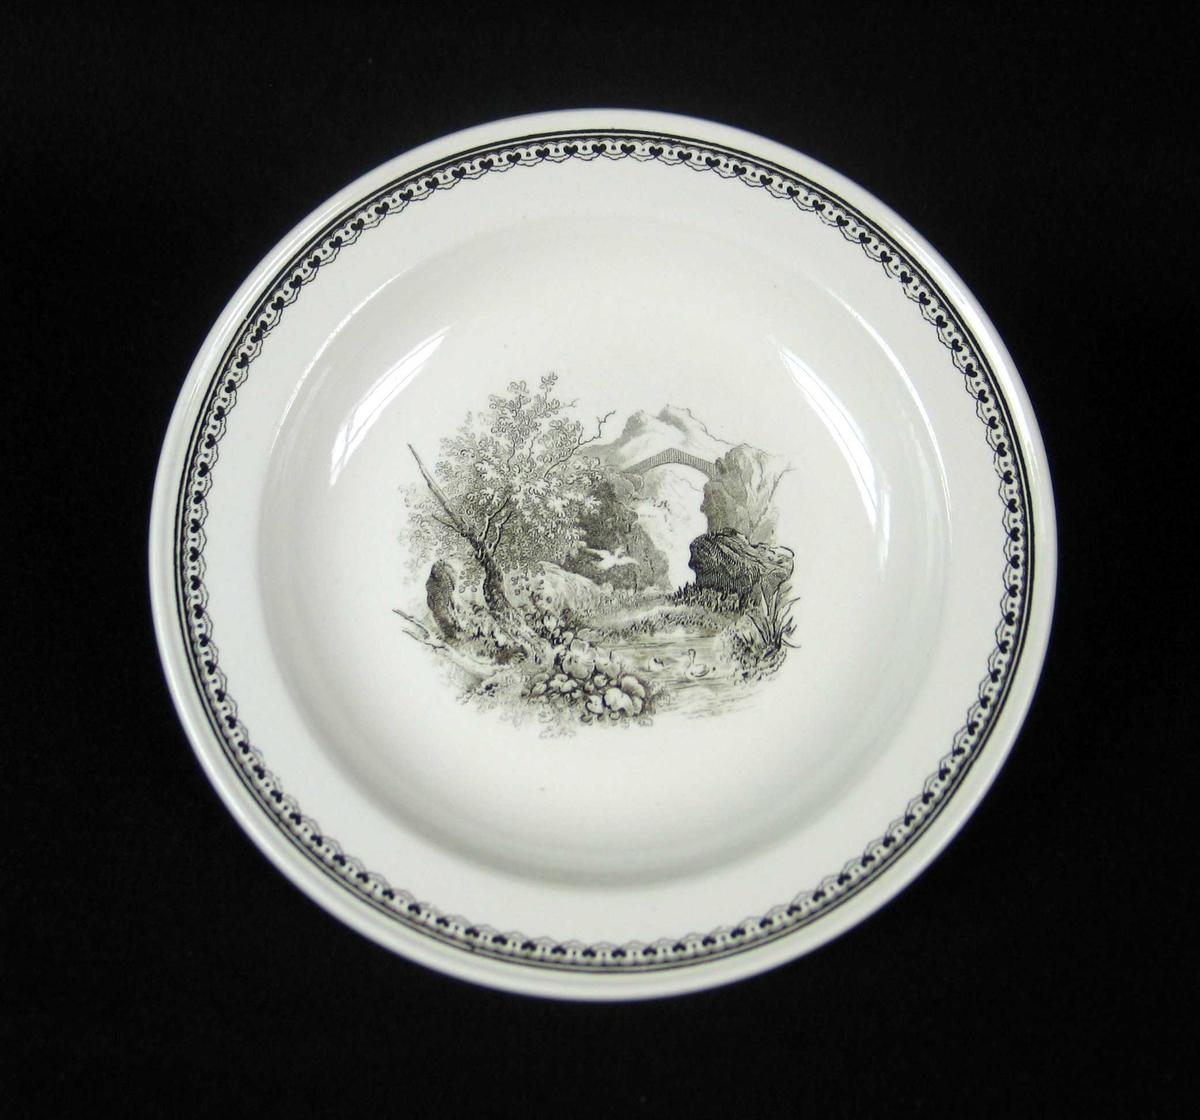 Dessertallerken i offwhite keramikk med sort dekor.